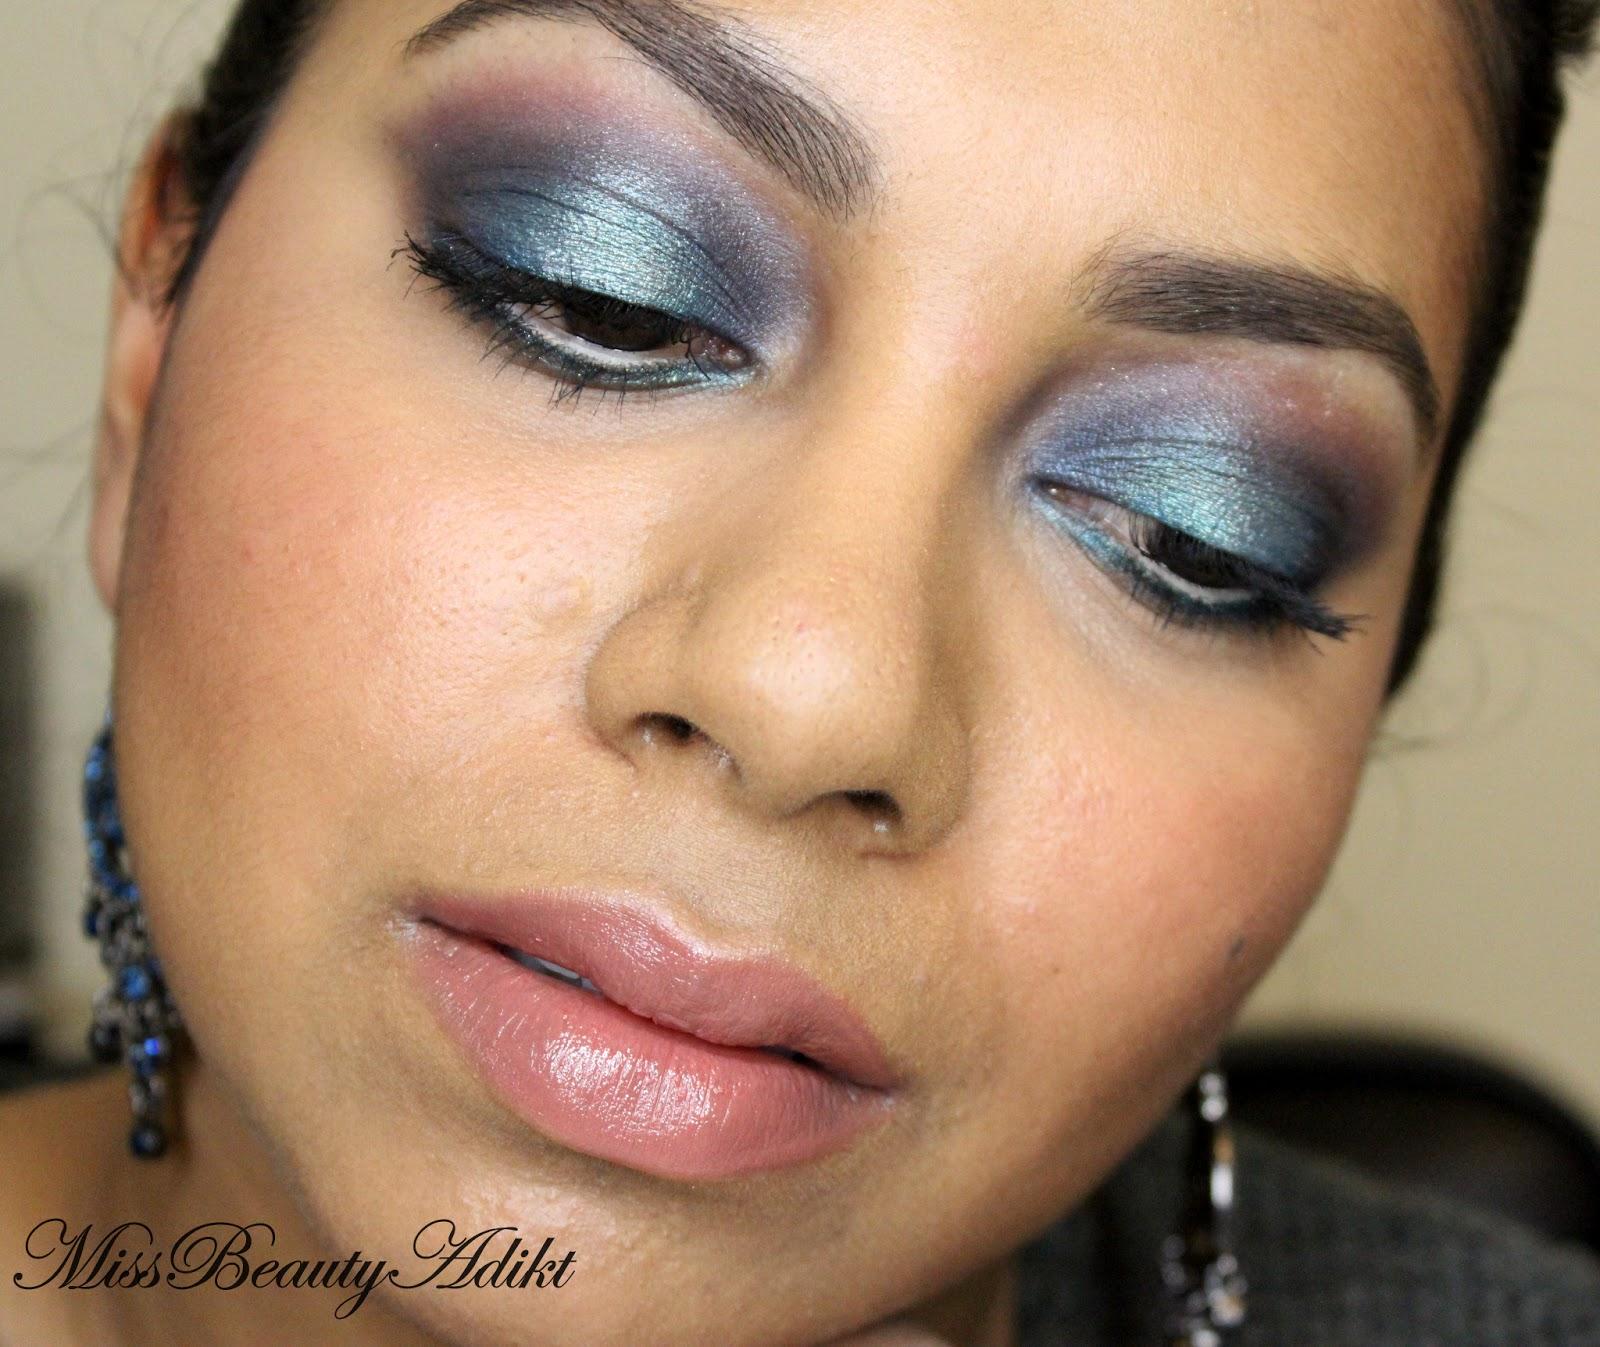 beyonce makeup tutorial - photo #26